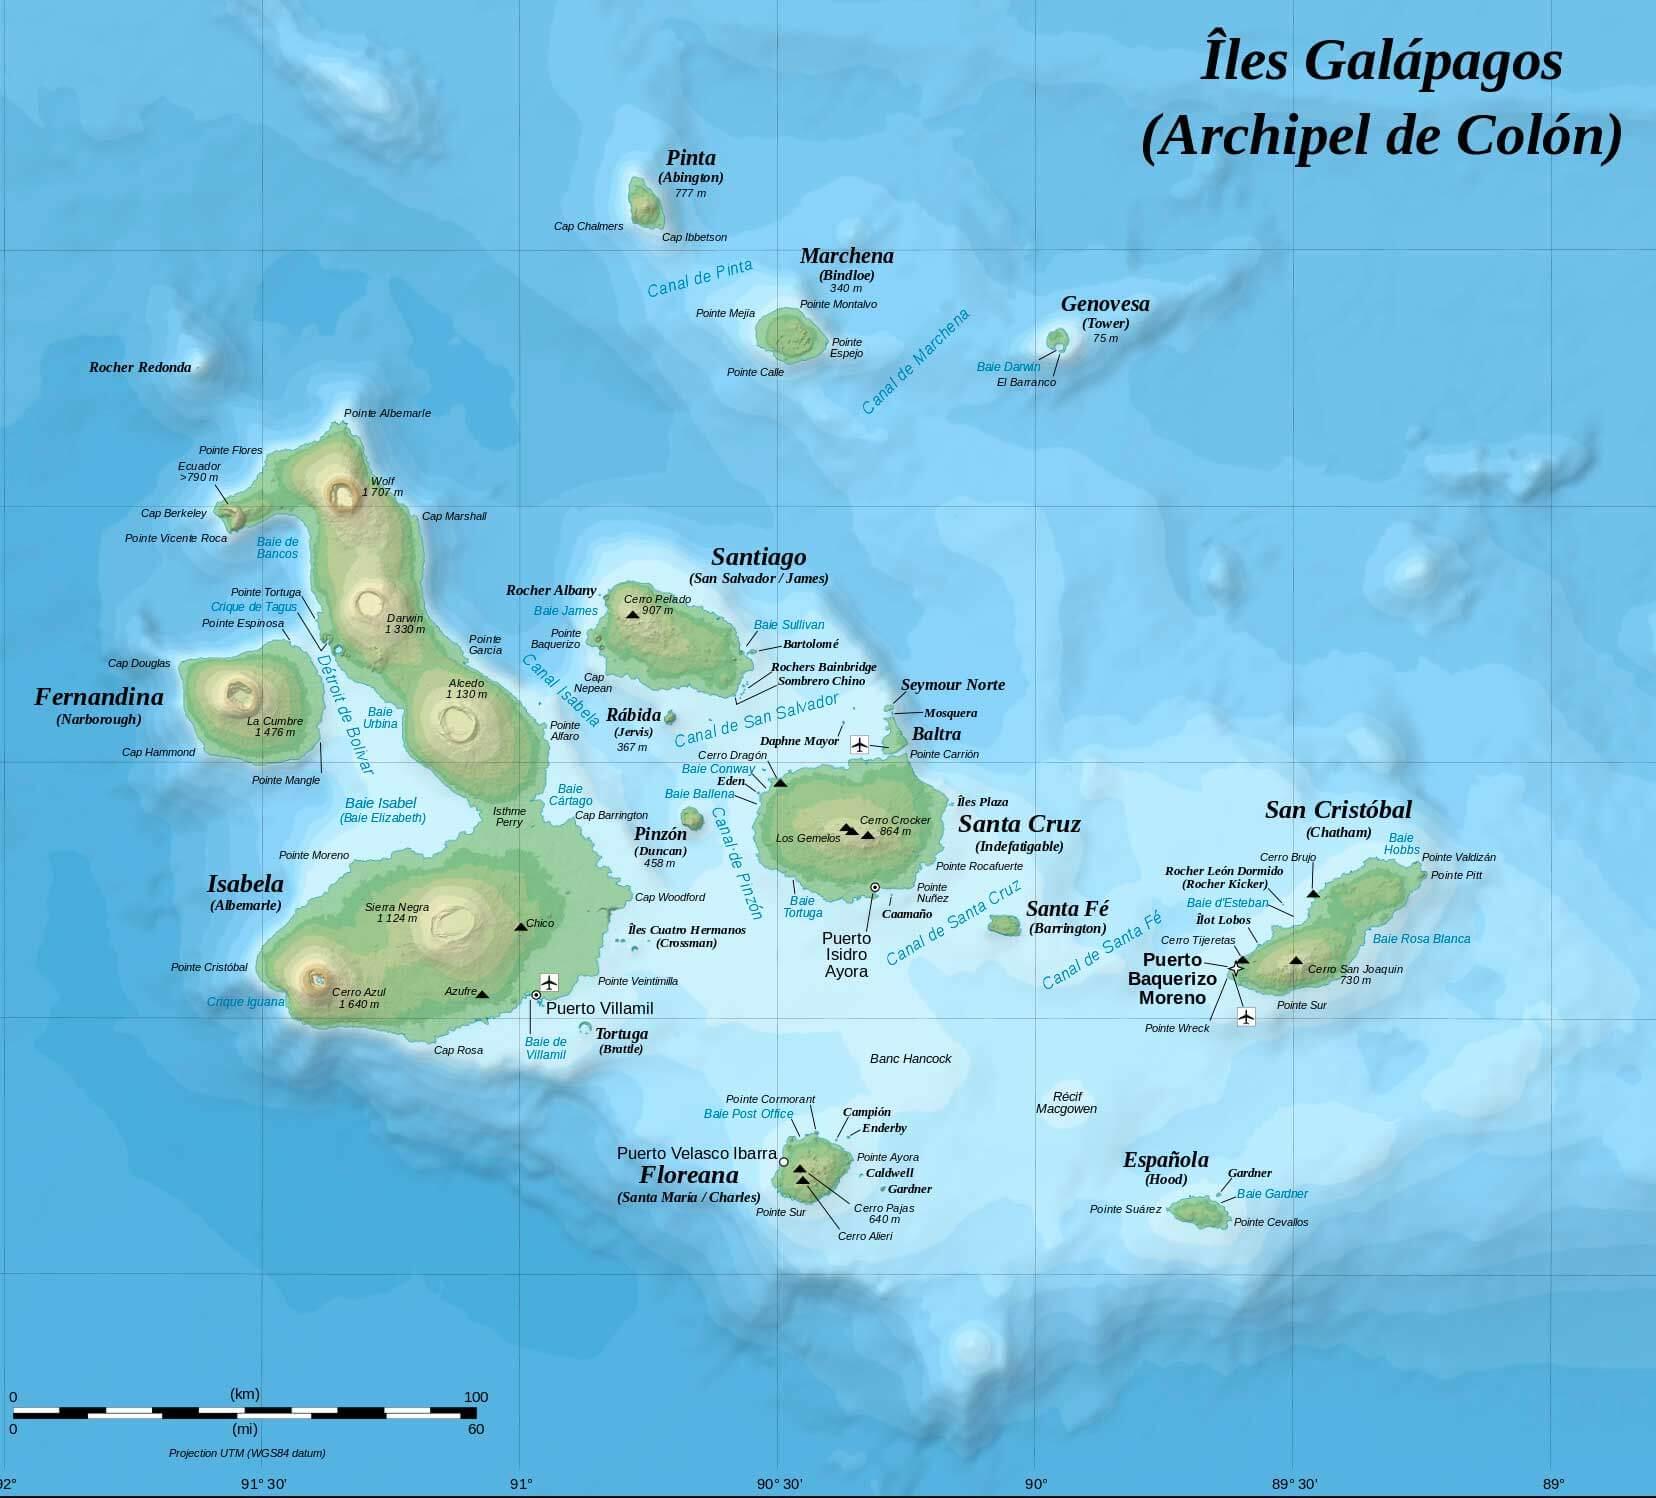 cuantas islas tiene galapagos